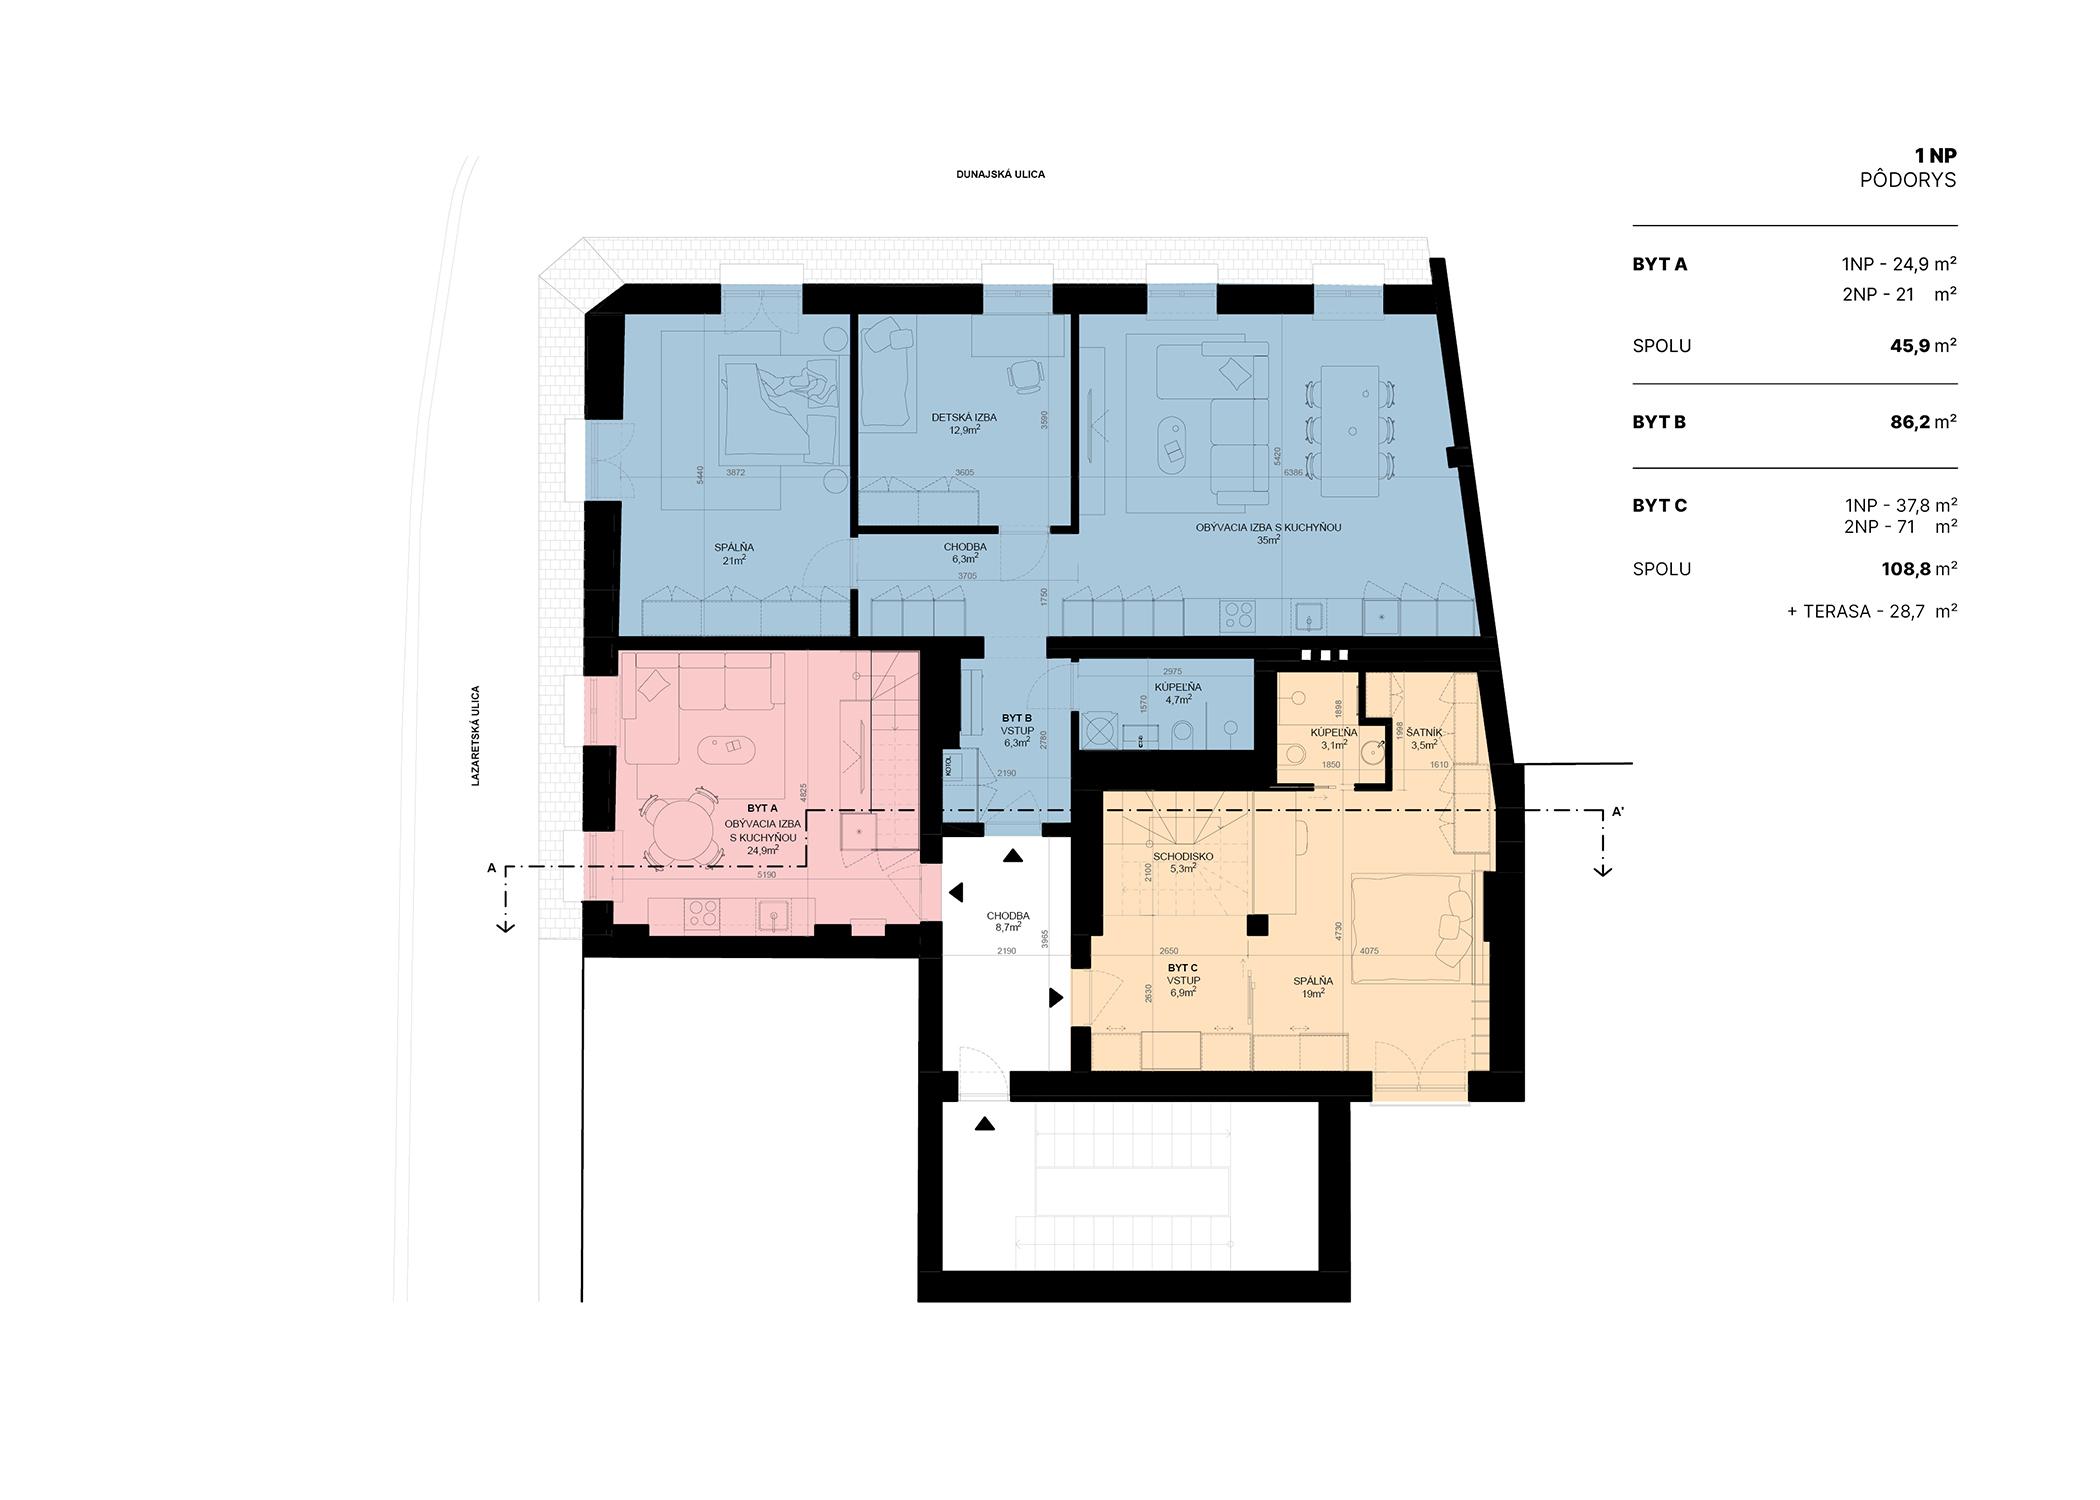 noiz-architekti-bratislava-lazaretska-rekonstrukcia-01